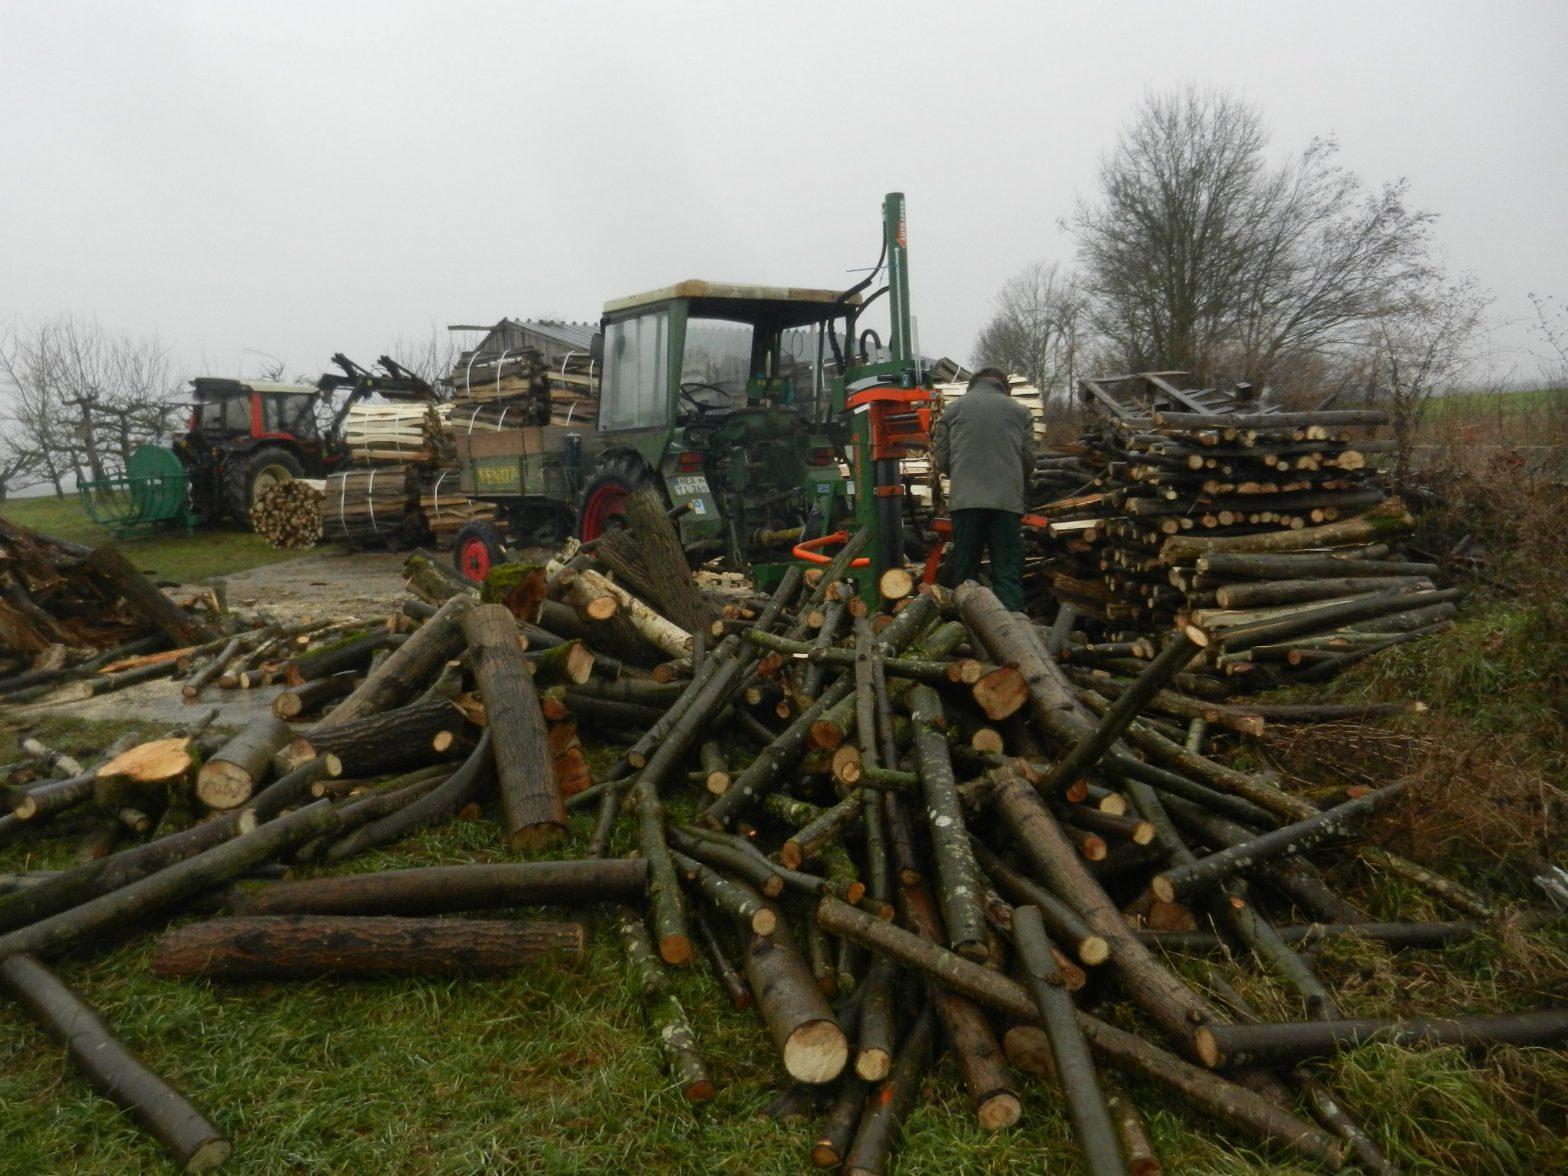 Traktor mit Holzspalter mit arbeitender Person. Haufen mit losem Holz im Vordergrund und Stapel mit fertig gespaltenen Scheiten im Hintergrund